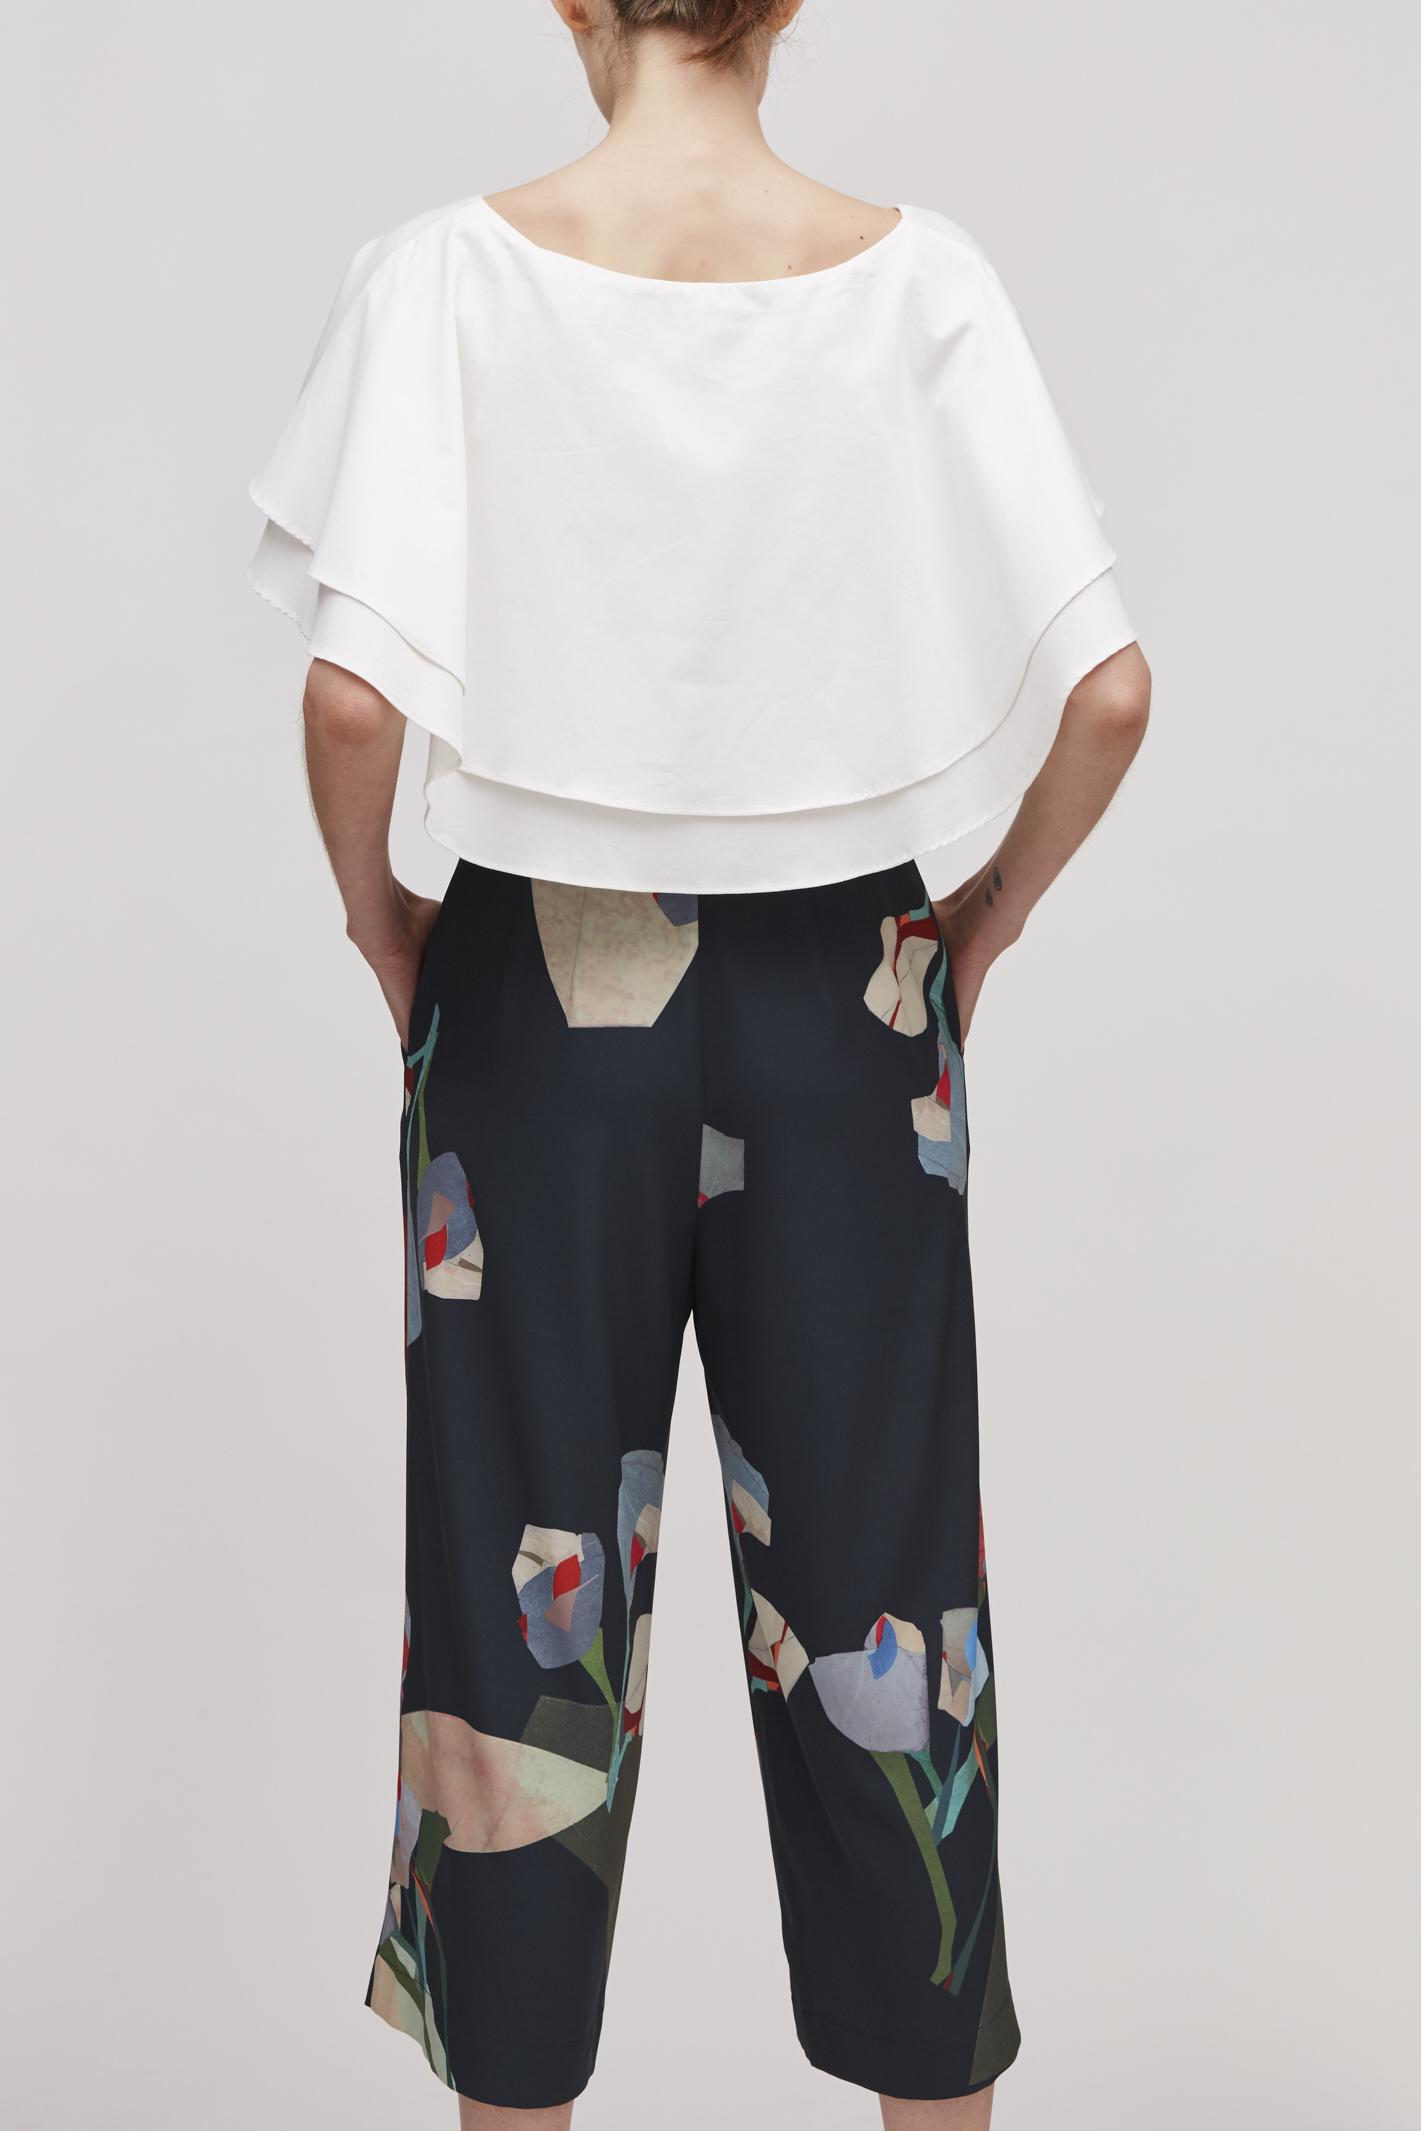 Archive Pants